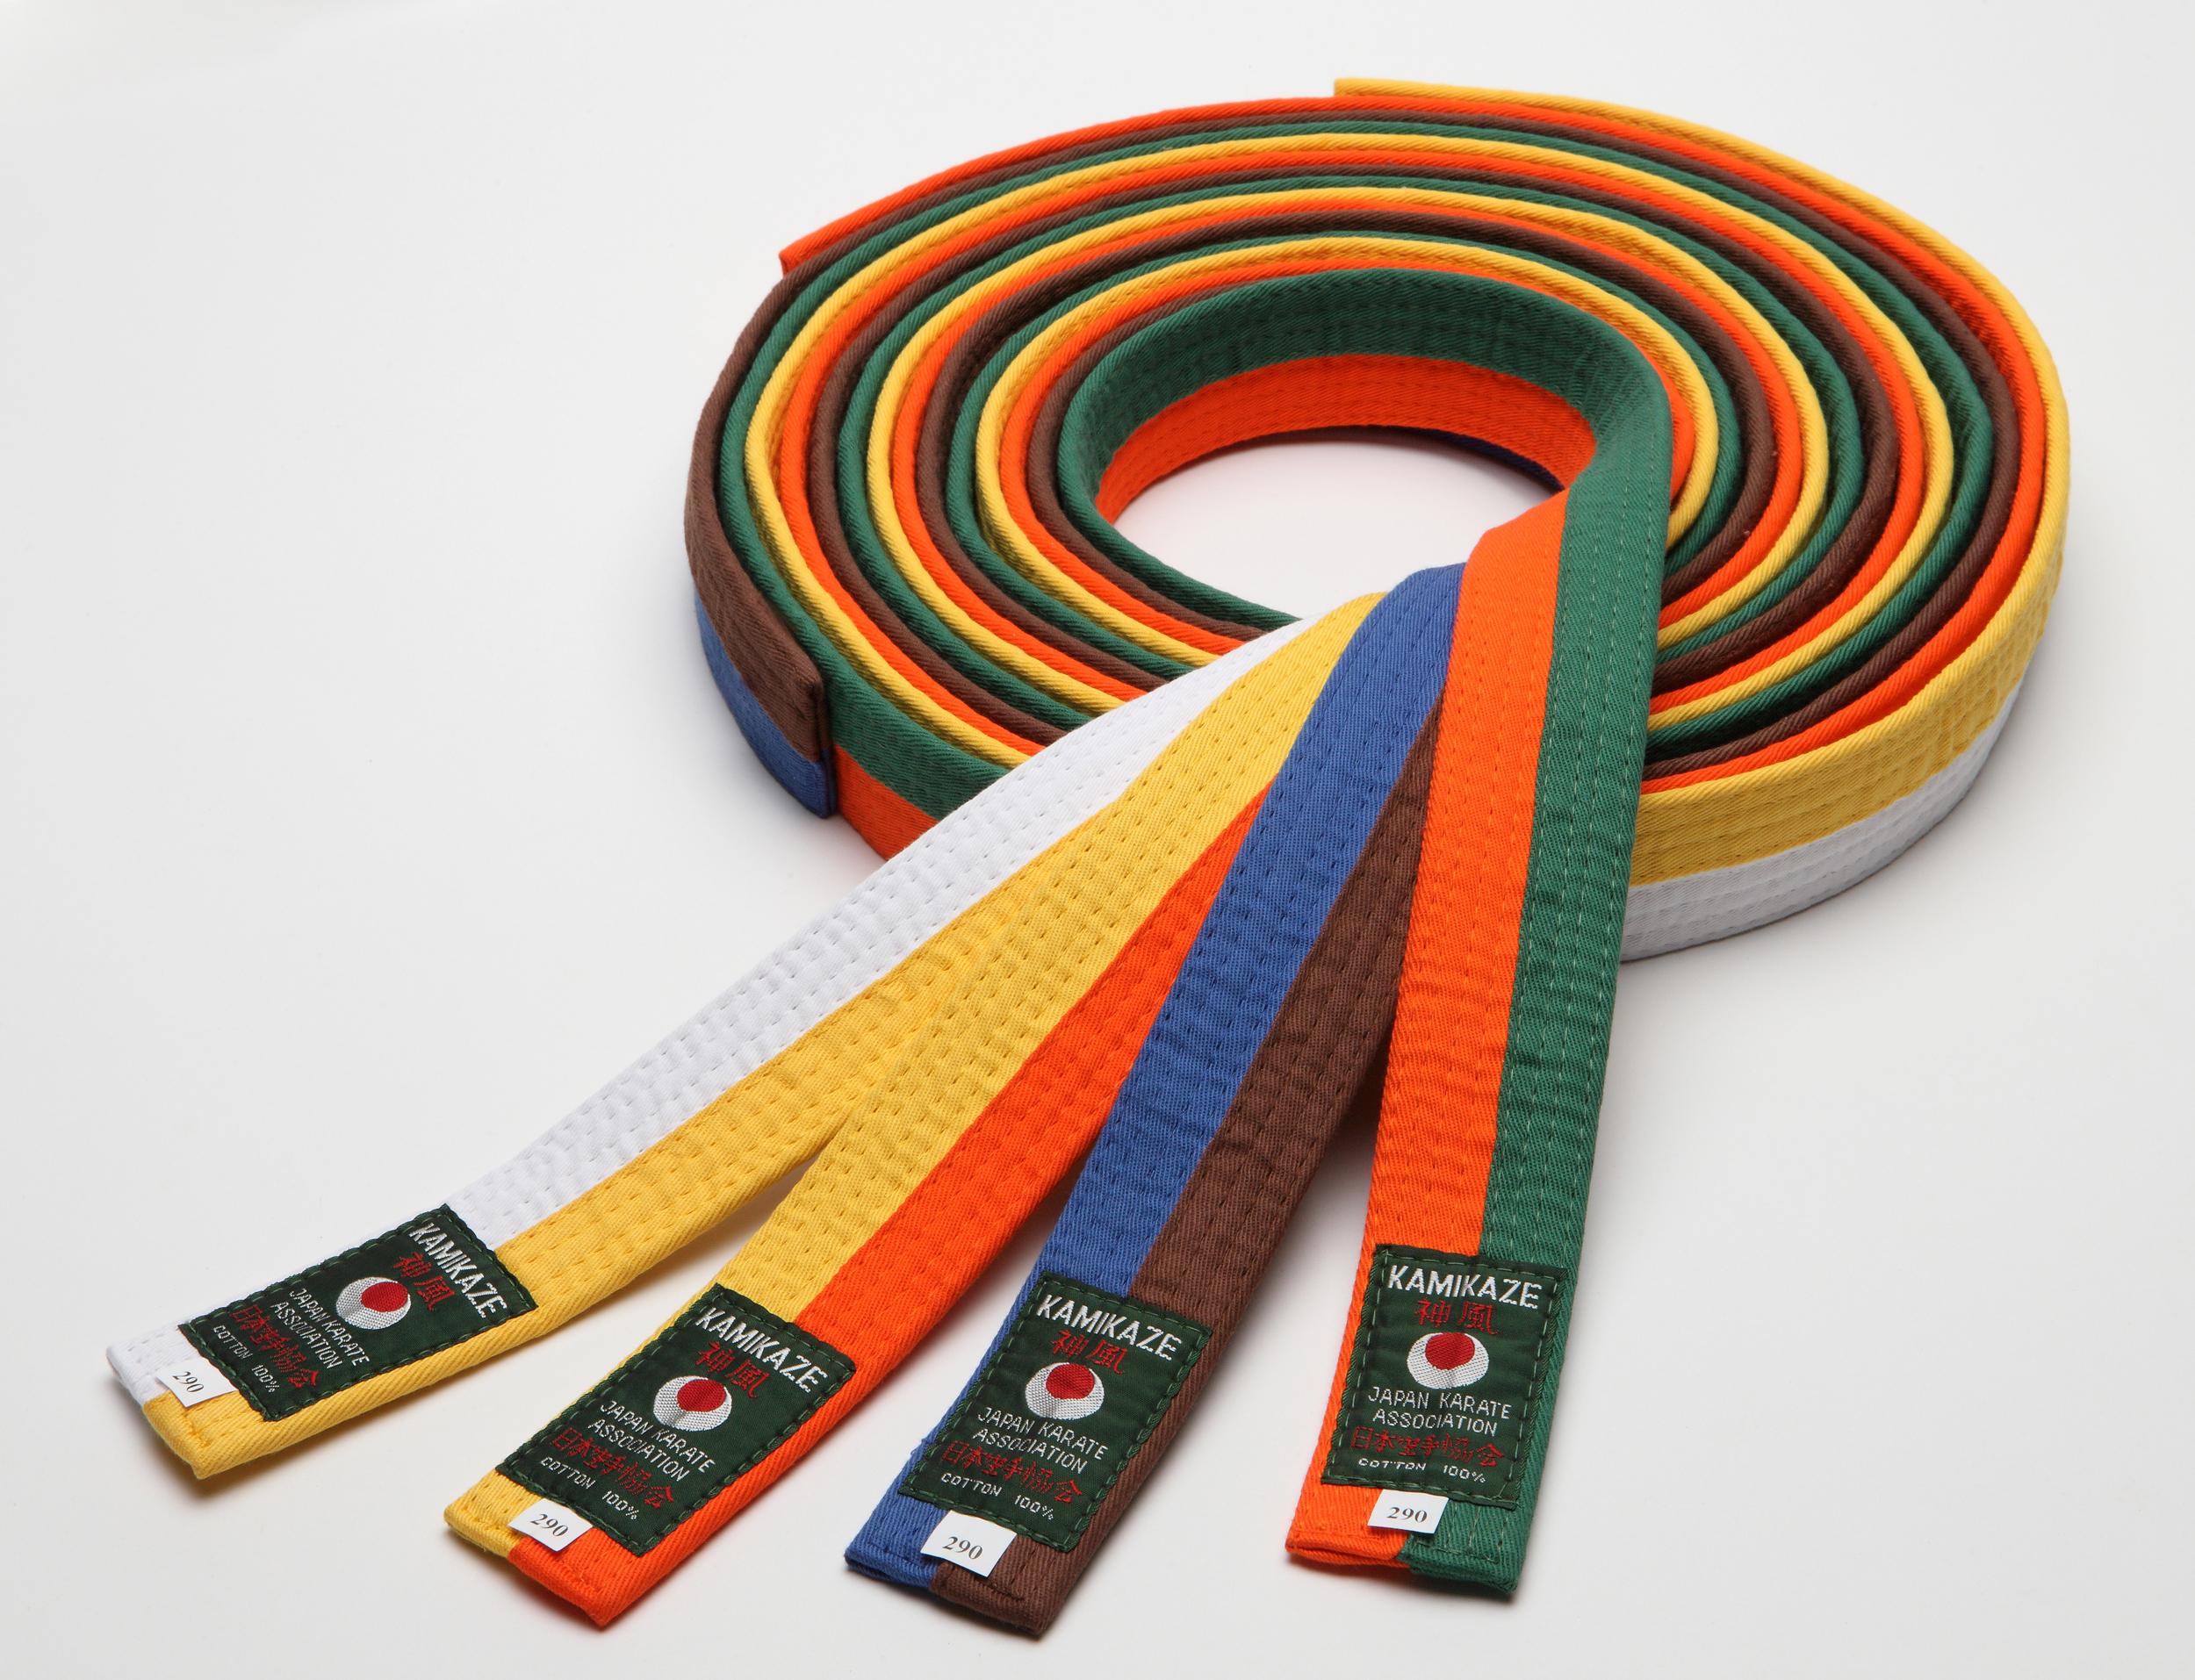 1193d5aa8be4 Ceinture de Karate bicolore KAMIKAZE Coton piqué   En vente sur ...